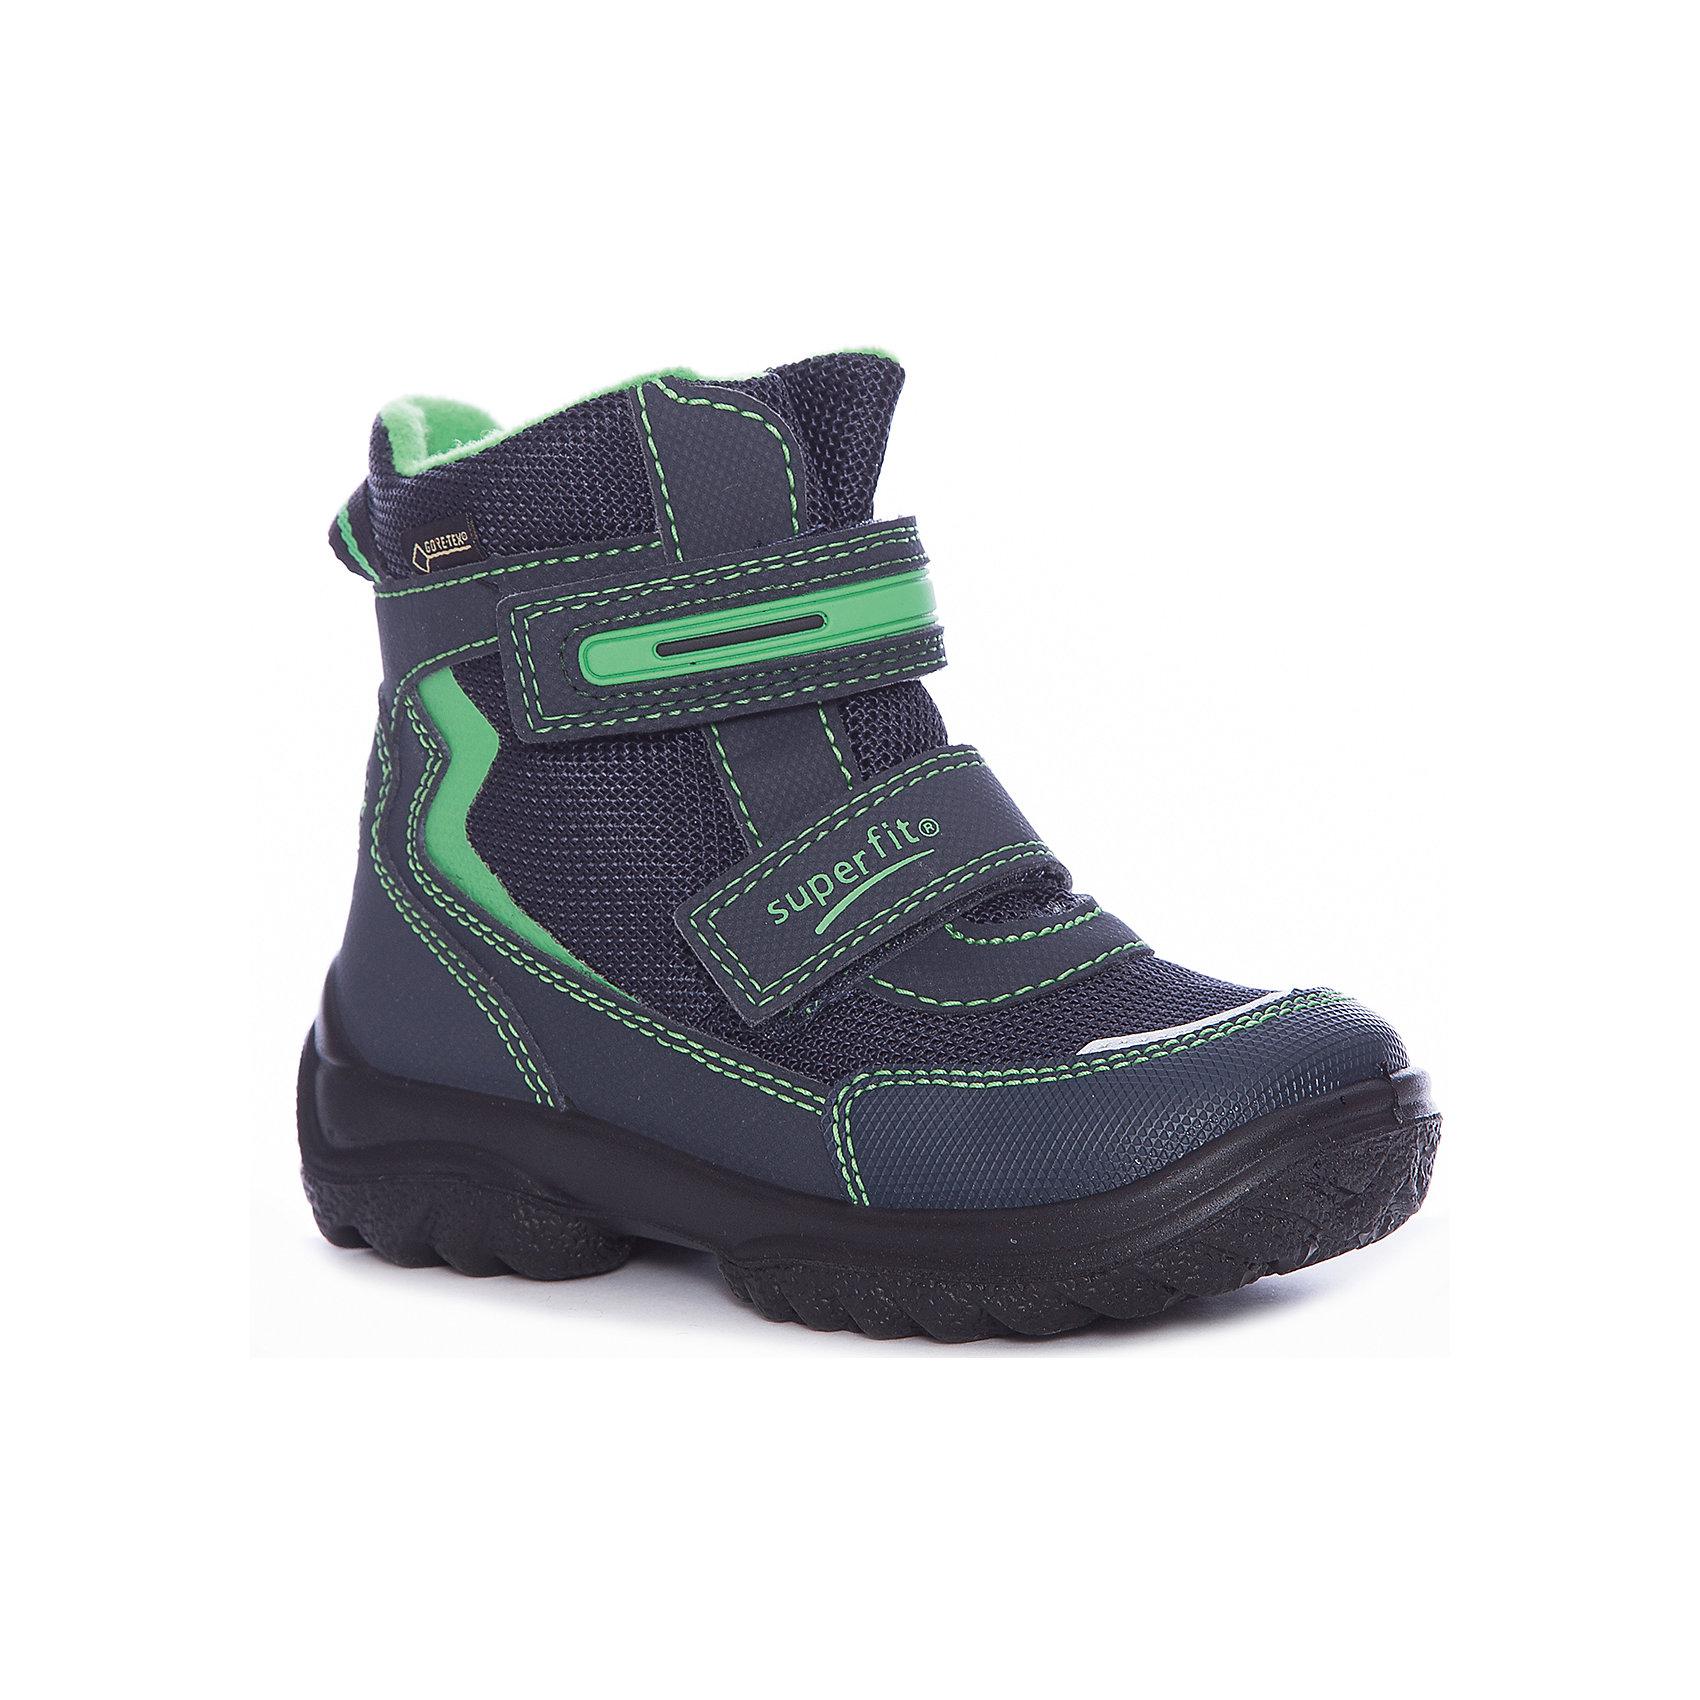 Ботинки Superfit для мальчикаБотинки<br>Характеристики товара:<br><br>• цвет: синий/зеленый<br>• внешний материал: текстиль<br>• внутренний материал: текстиль<br>• стелька: шерсть<br>• подошва: полимер<br>• сезон: зима<br>• мембранные<br>• температурный режим: от +5 до -25<br>• особенности модели: спортивный стиль<br>• застежка: липучка<br>• защита мыса <br>• анатомические <br>• подошва не скользит<br>• страна бренда: Австрия<br>• страна изготовитель: Румыния<br><br>Зимние сапоги с мембраной Gore-Tex имеют устойчивую подошву и удобную застежку. Сапоги для мальчика Superfit легко надеваются и хорошо держатся на ноге благодаря надежной липучке. <br><br>Сапоги для мальчика Superfit (Суперфит) можно купить в нашем интернет-магазине.<br><br>Ширина мм: 257<br>Глубина мм: 180<br>Высота мм: 130<br>Вес г: 420<br>Цвет: синий<br>Возраст от месяцев: 24<br>Возраст до месяцев: 24<br>Пол: Мужской<br>Возраст: Детский<br>Размер: 25,26,27,28,29,30,31,32,33,34,35,24<br>SKU: 7051007